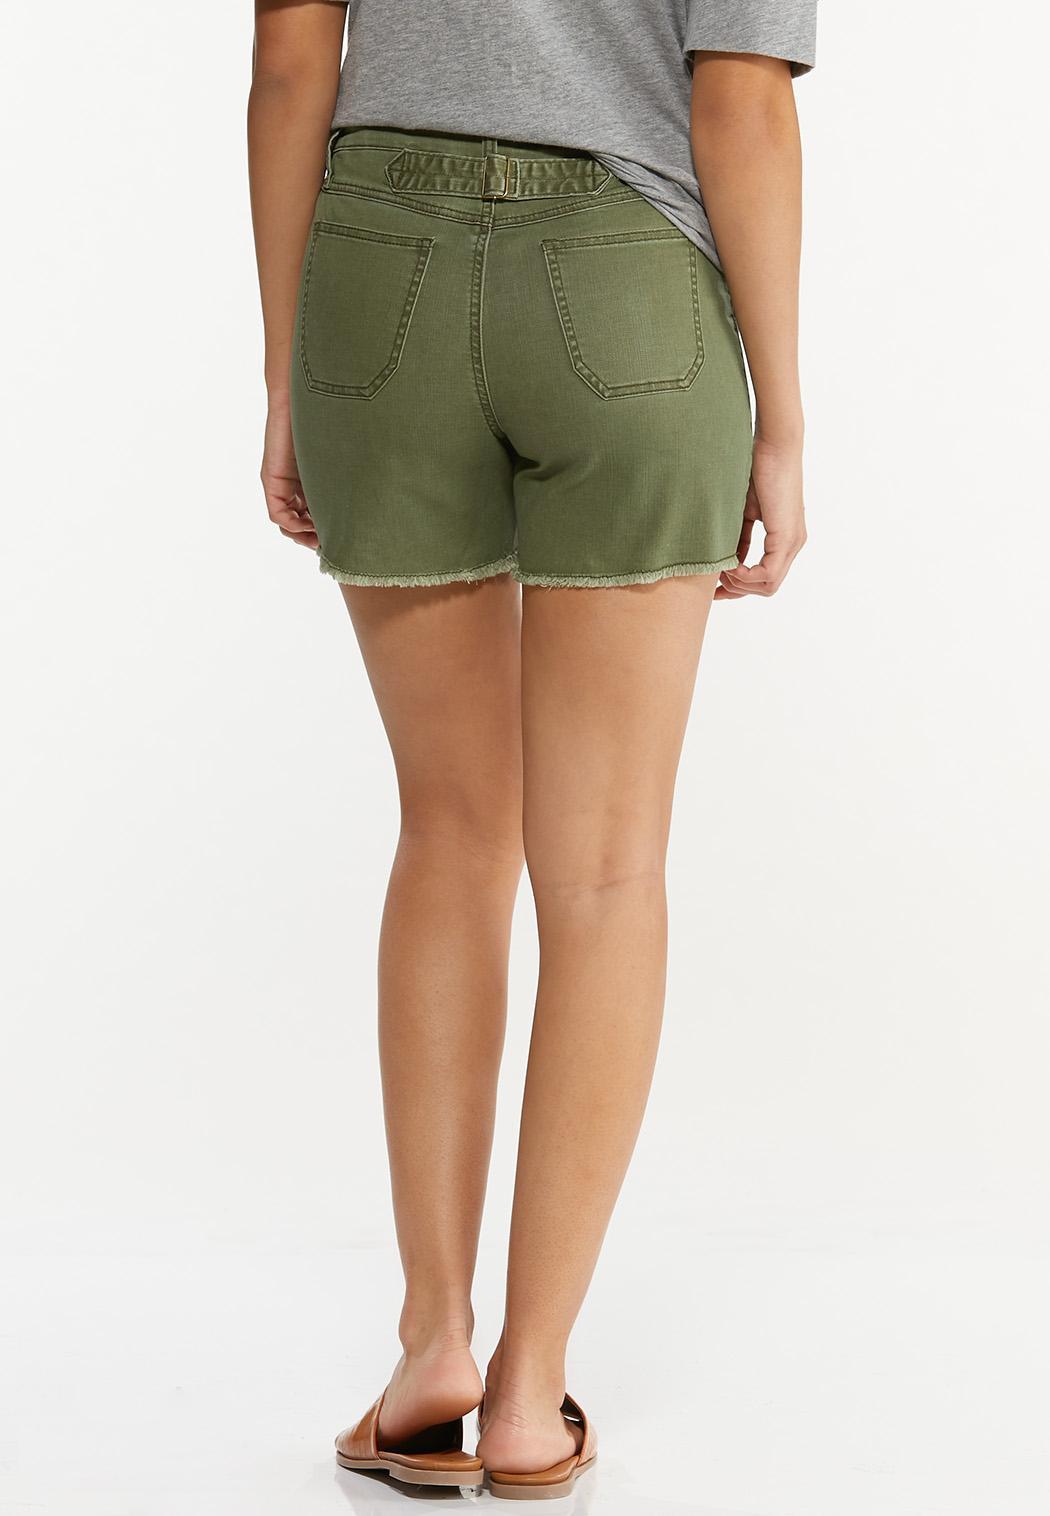 Olive Utility Denim Shorts (Item #44550679)